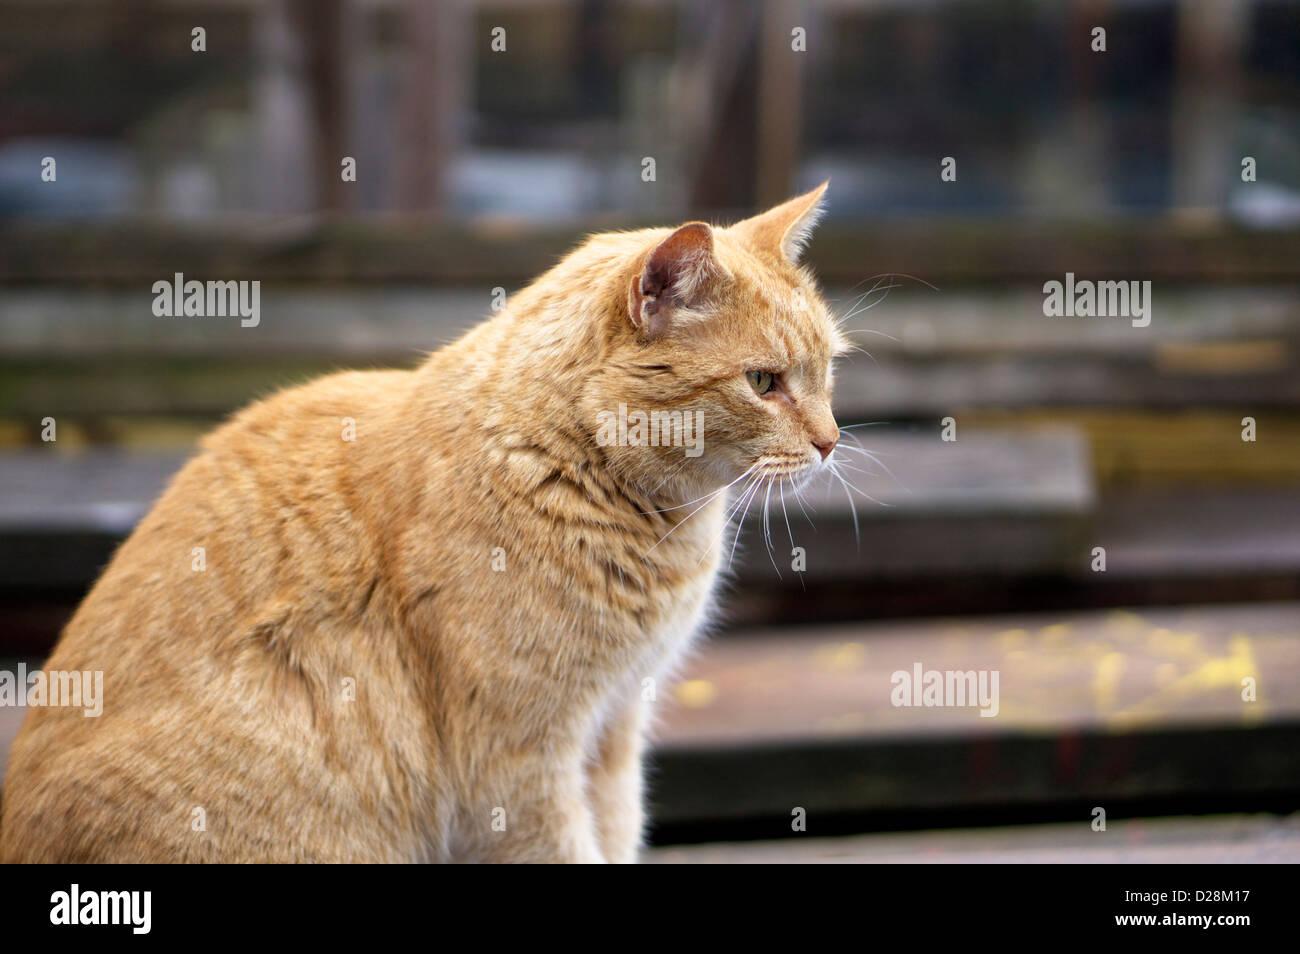 Hermoso gato atigrado dorado en modo depredador en el Gloucester se acopla en un nublado día de invierno. Su rostro es un enfoque nítido mientras Foto de stock